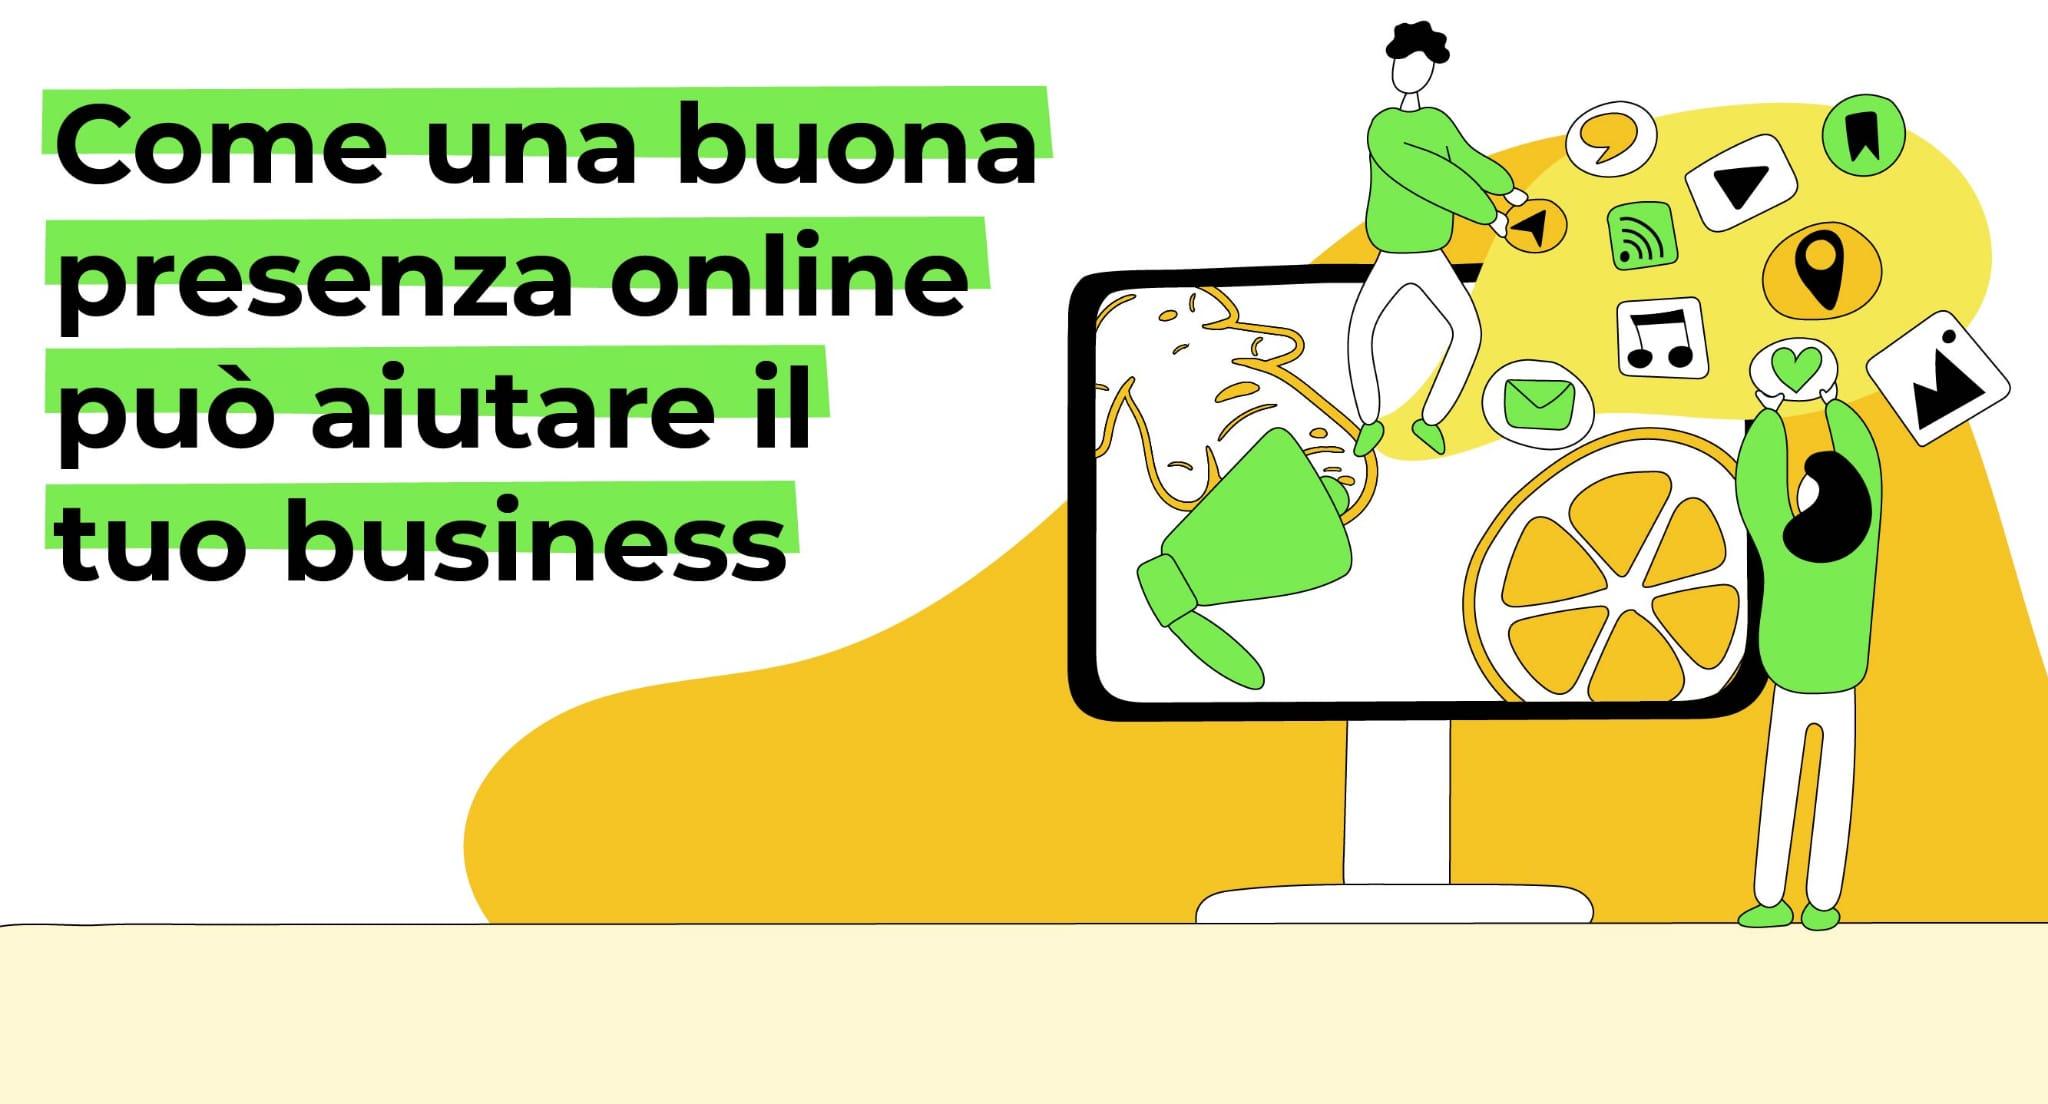 una buona presenza online aiuta il tuo business